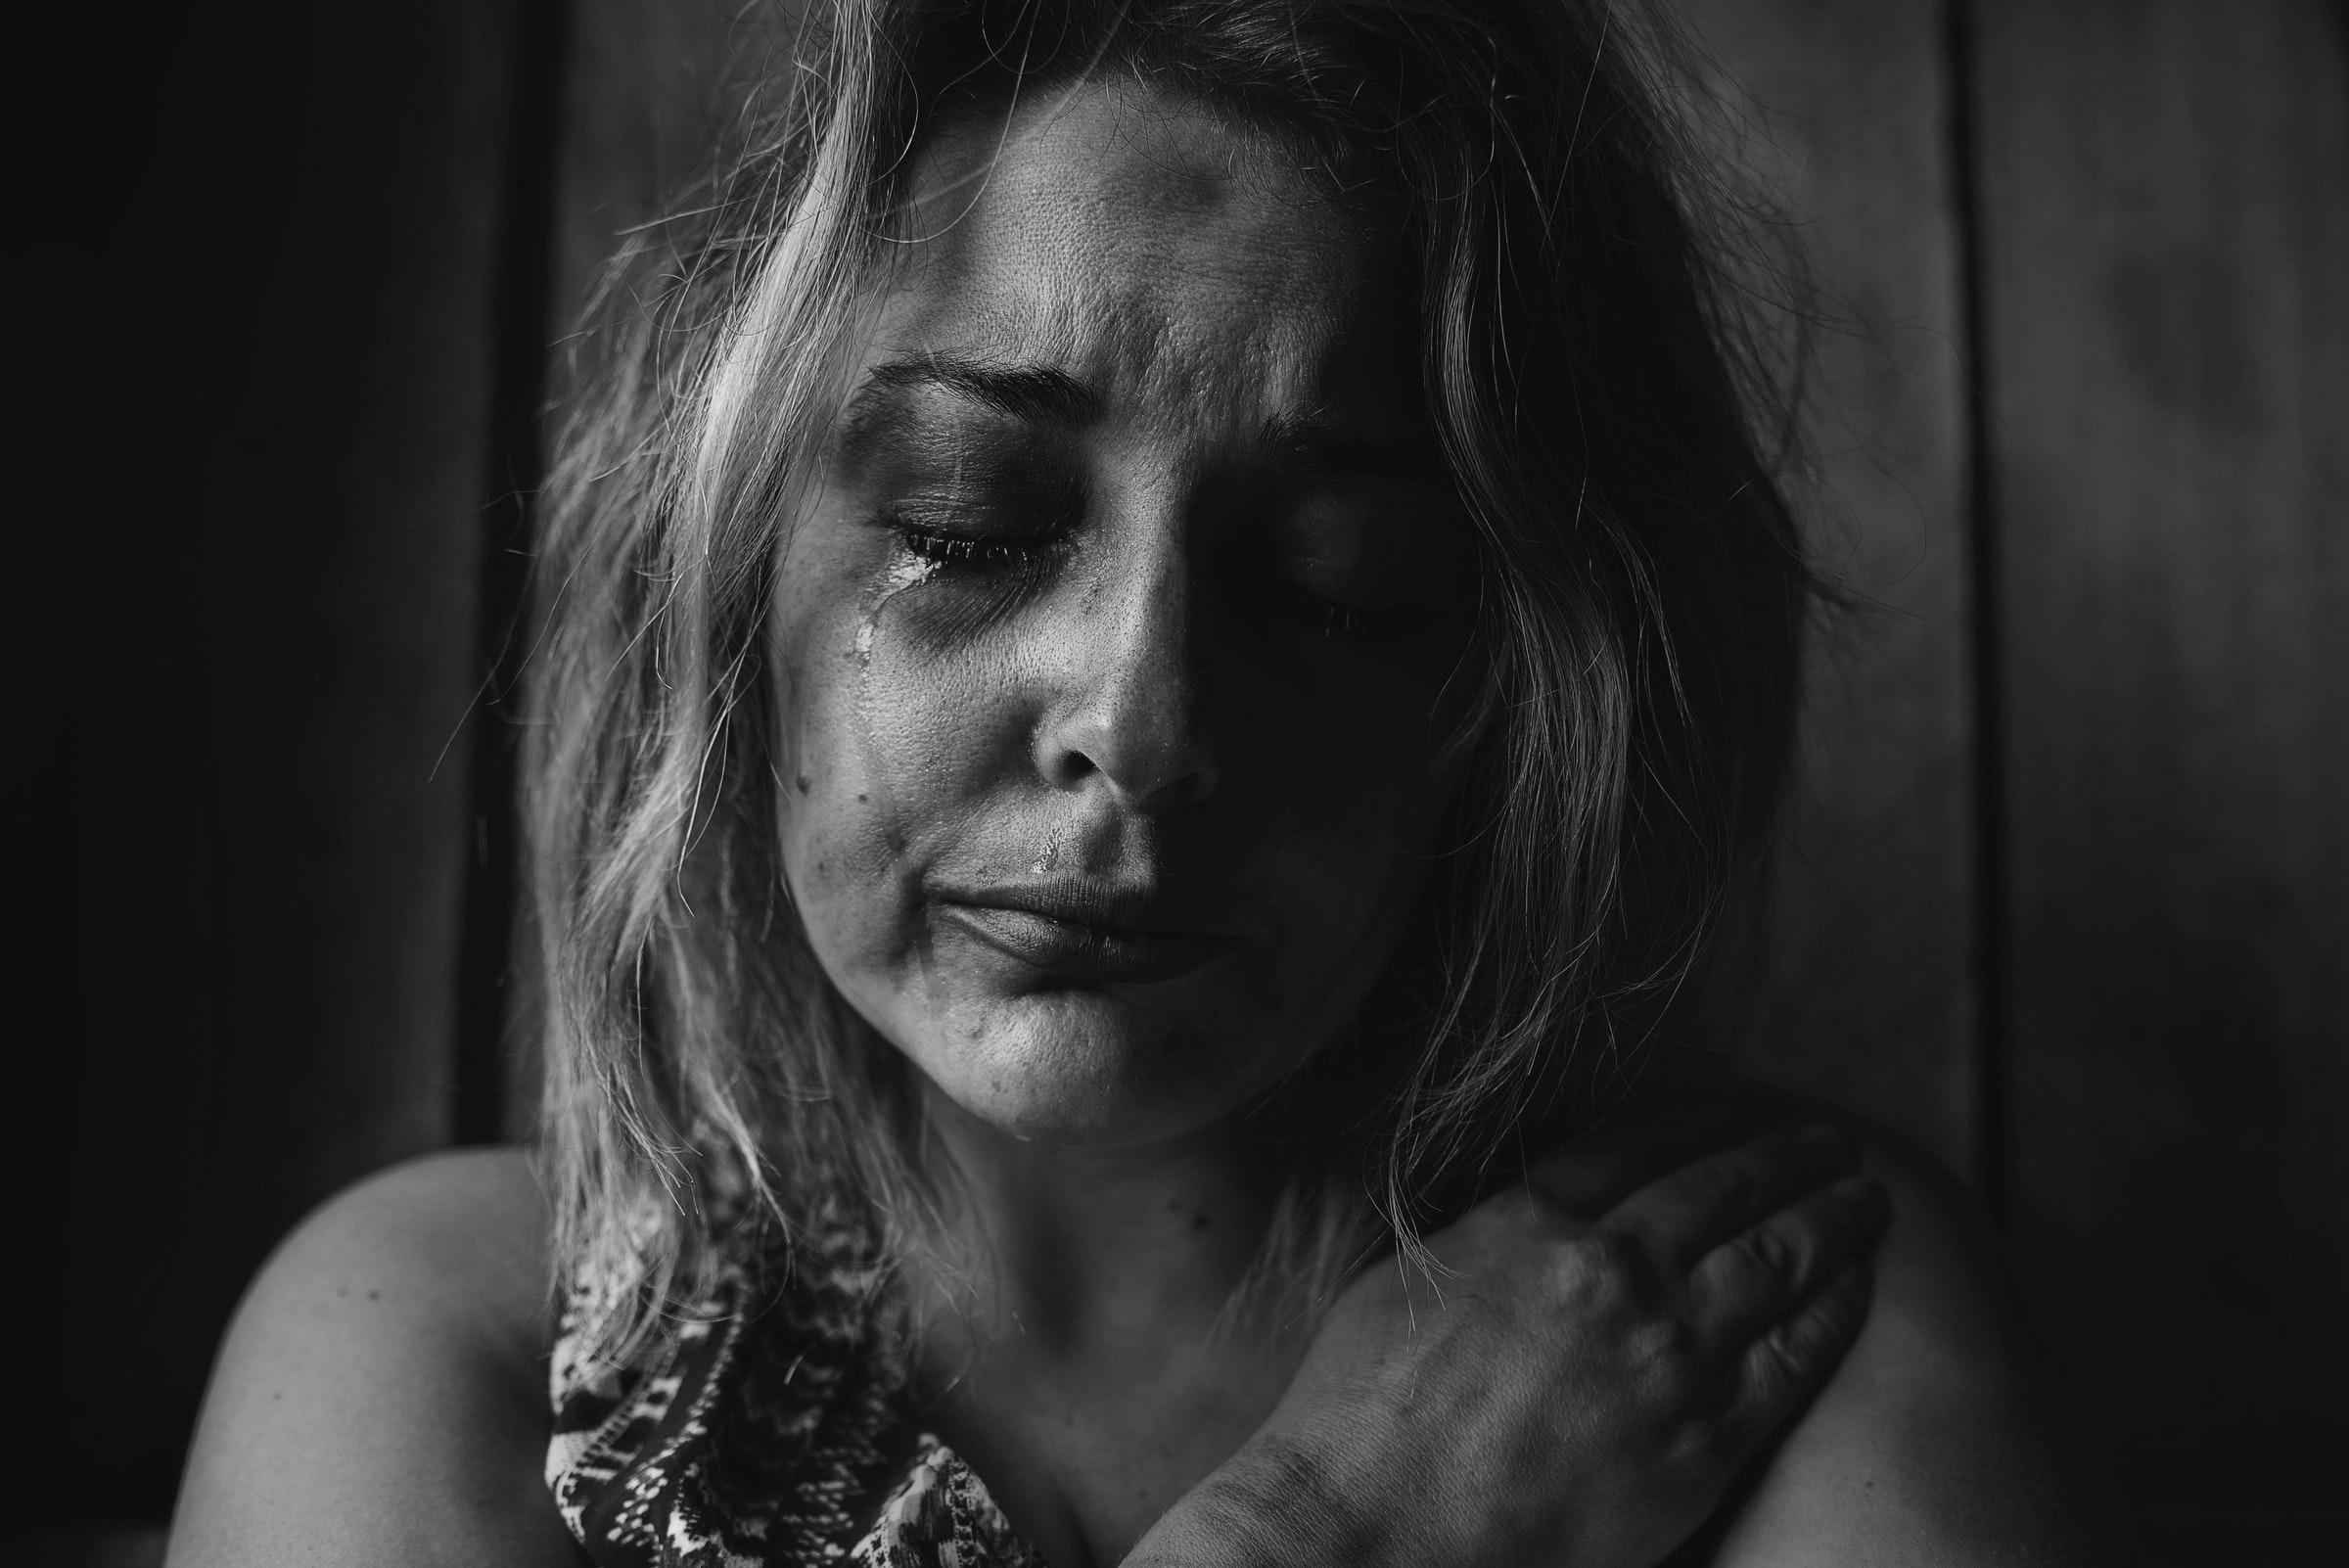 одинокая женщина, одиночество, страдания